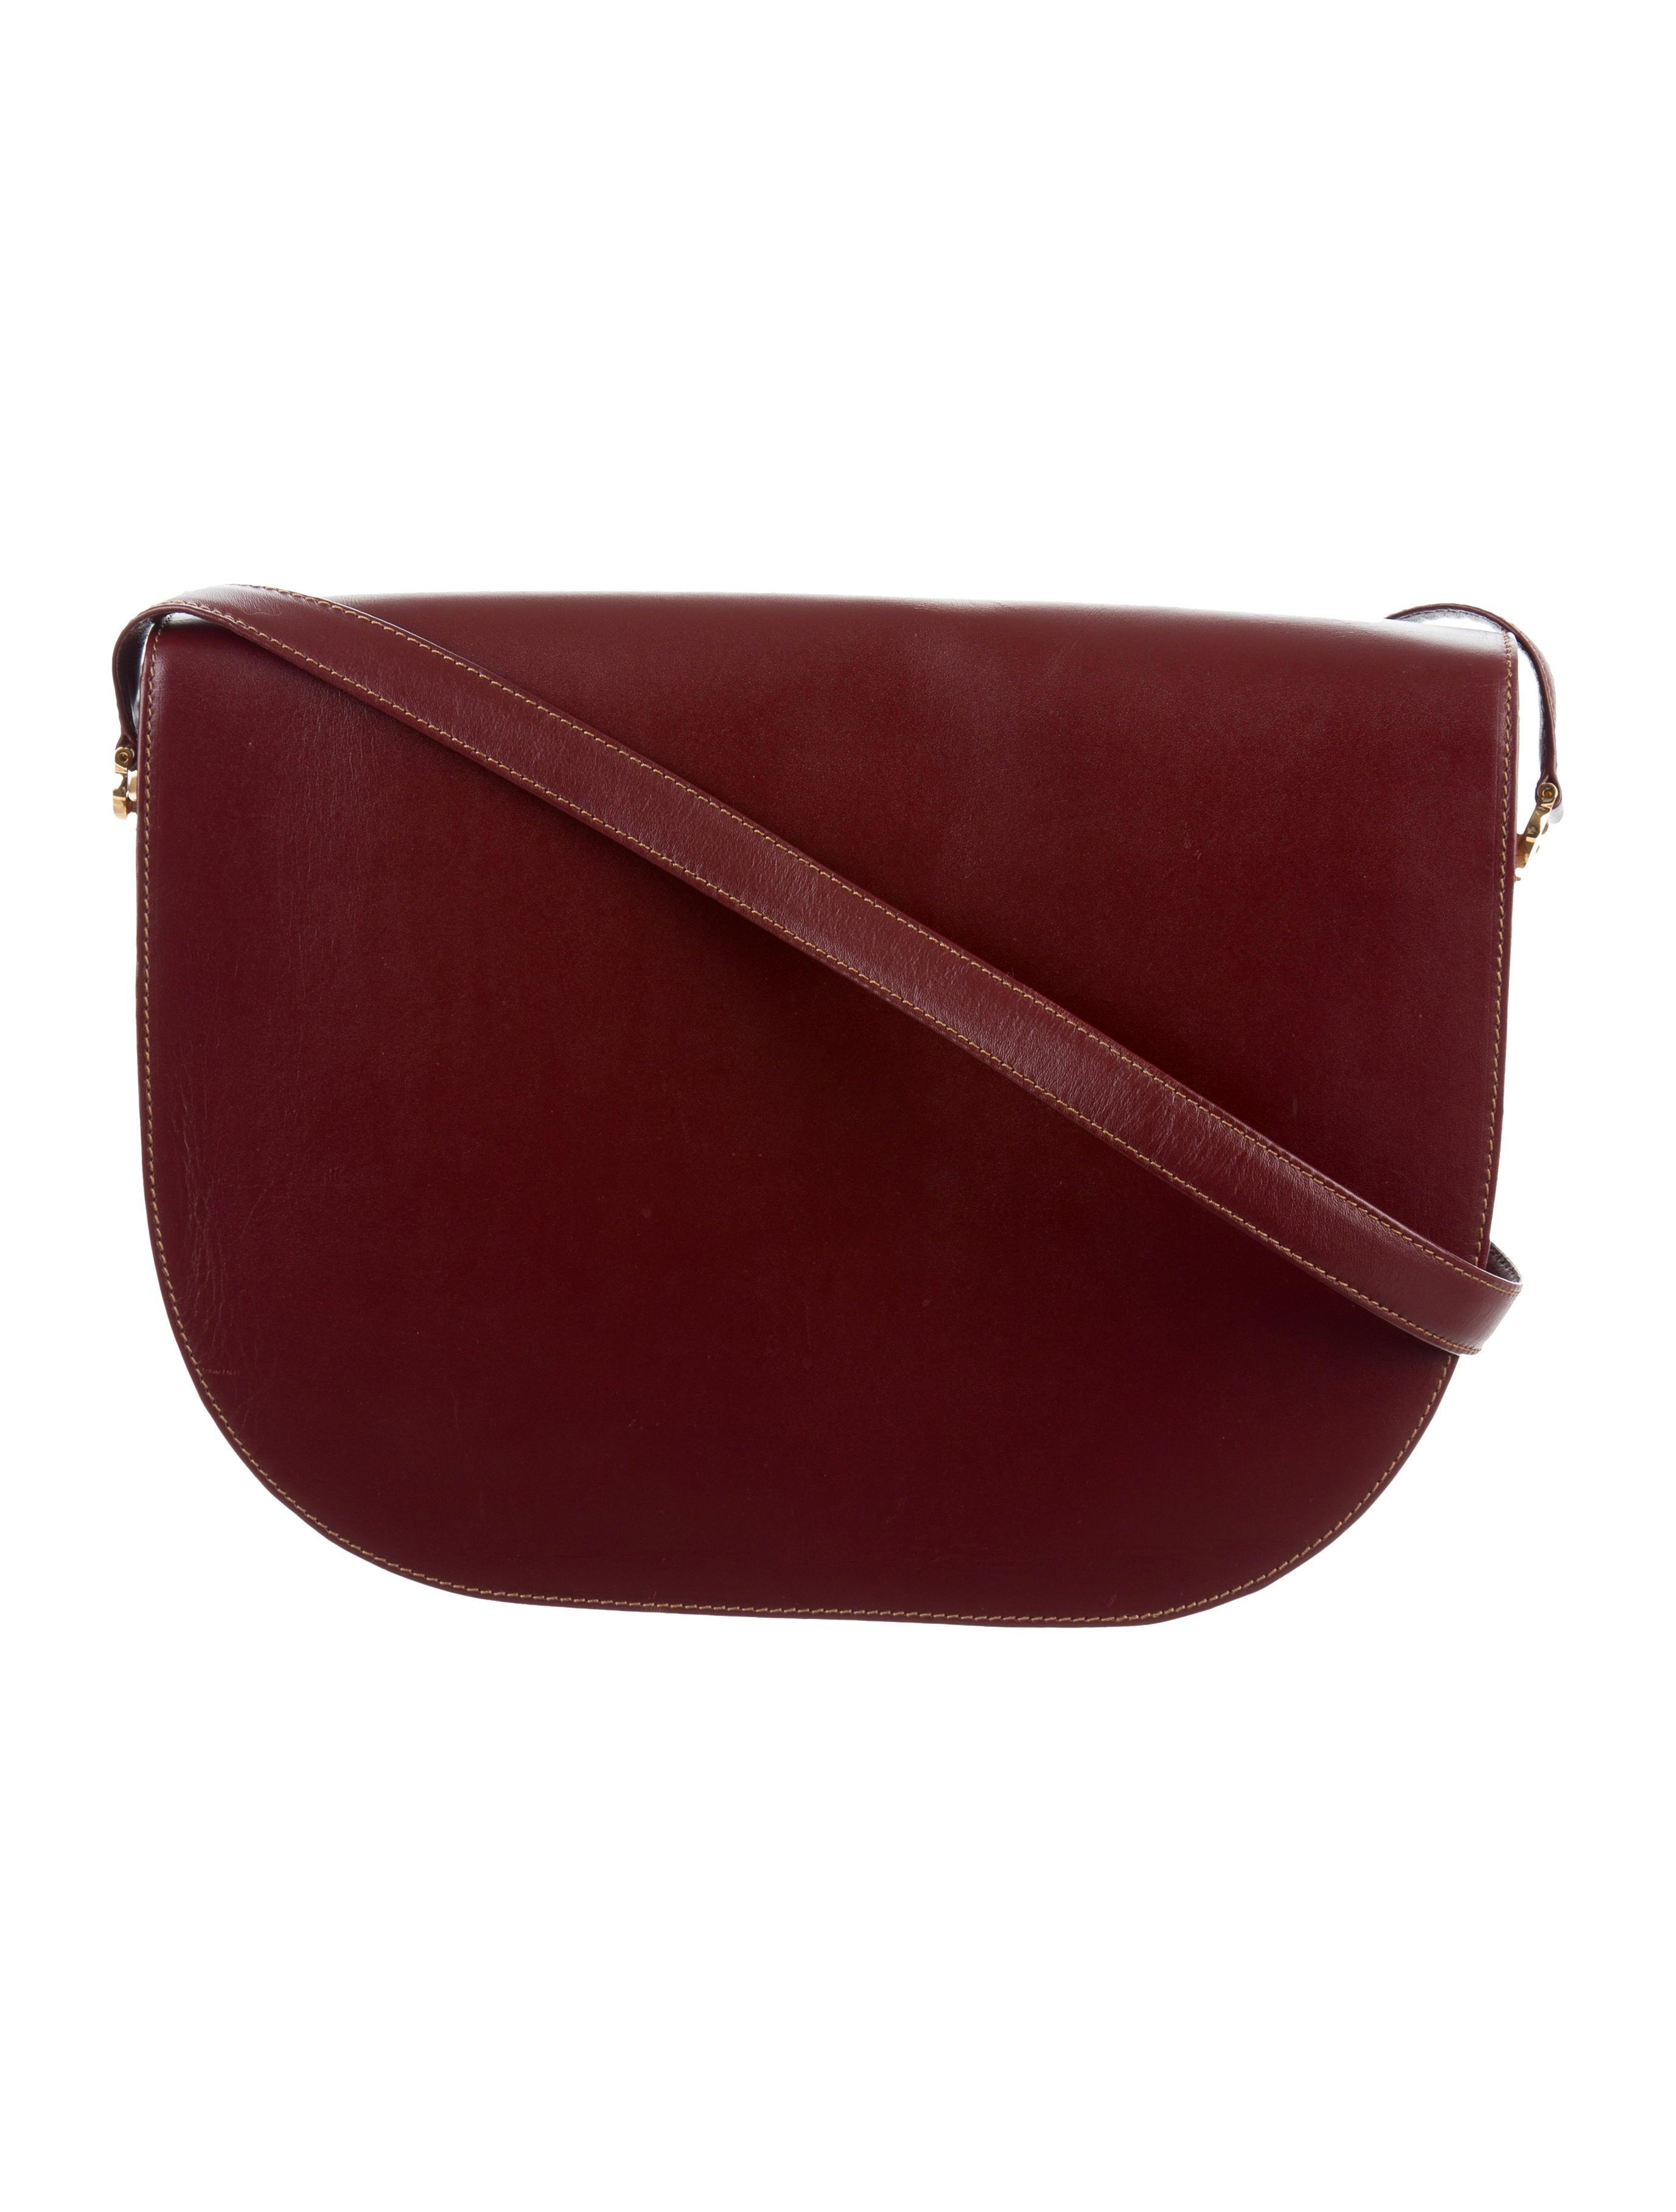 cartier must de cartier messenger bag handbags